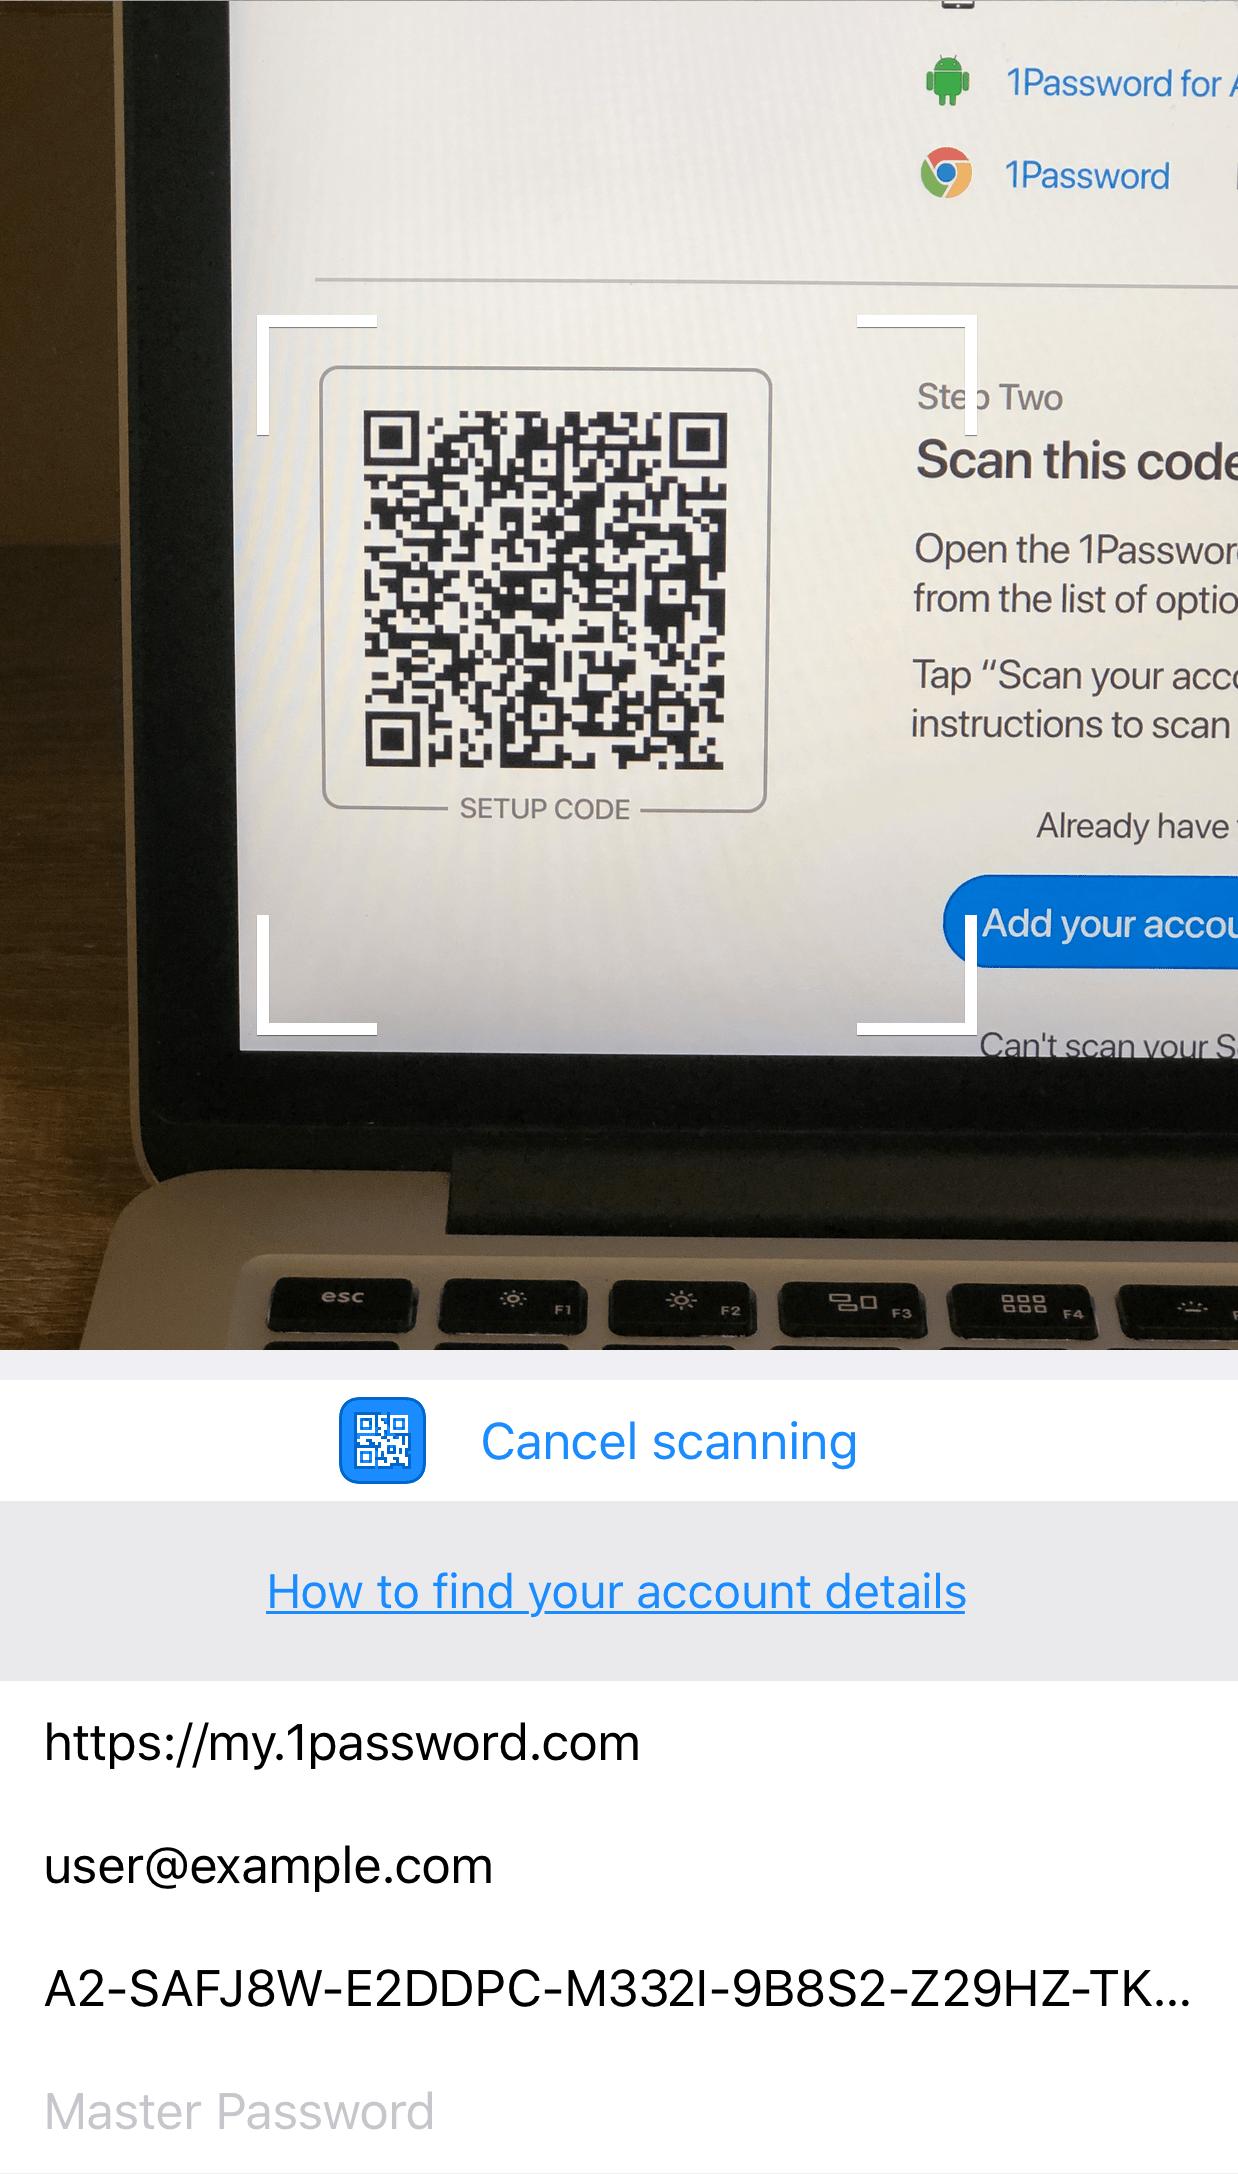 Trouvez votre Setup Code, puis suivez les instructions à l'ércan pour le scanner.